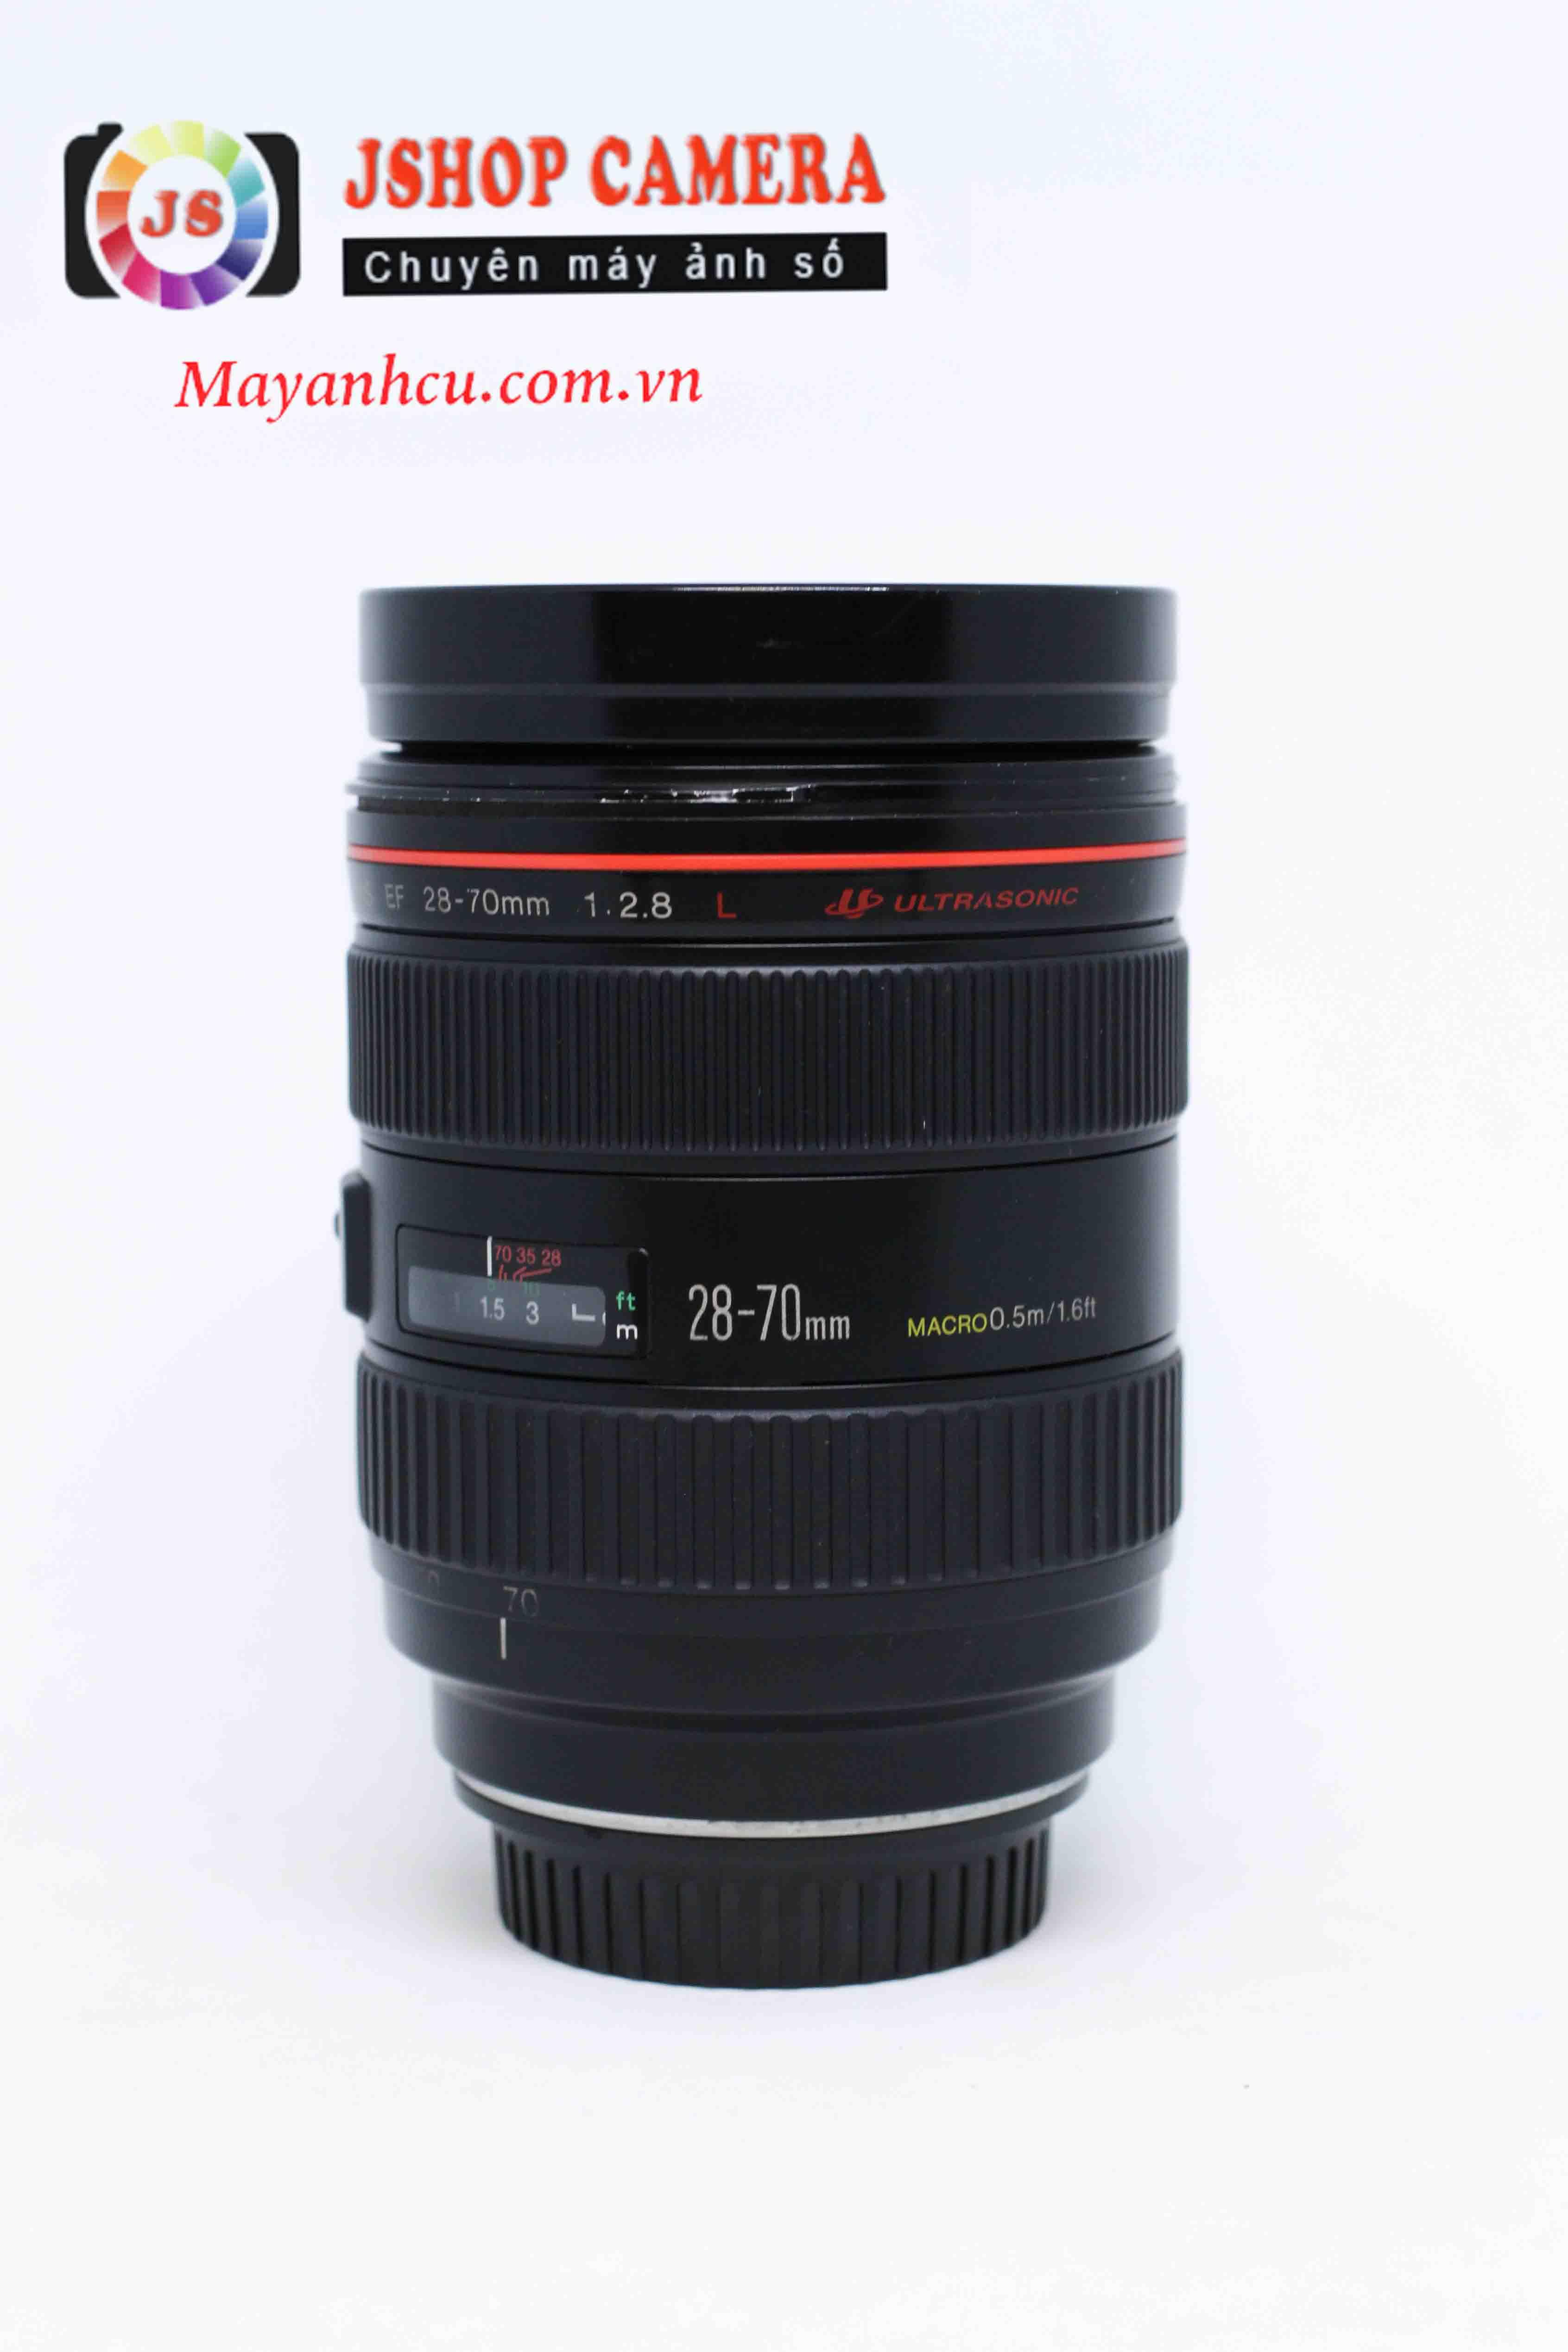 Ống kính Canon 28-70mm F/2.8L USM